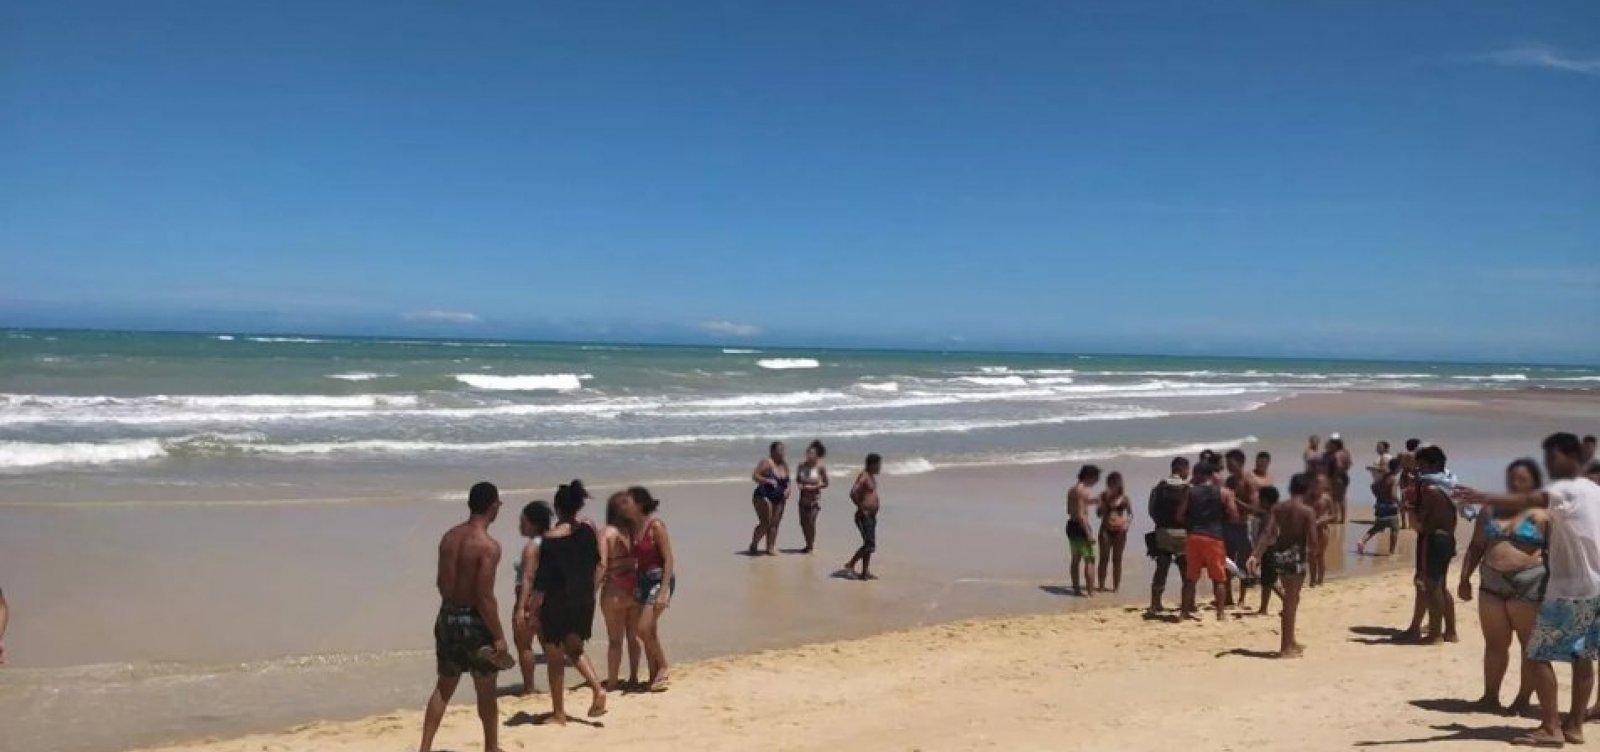 [Turista de São Paulo morre após se afogar em praia de Trancoso]